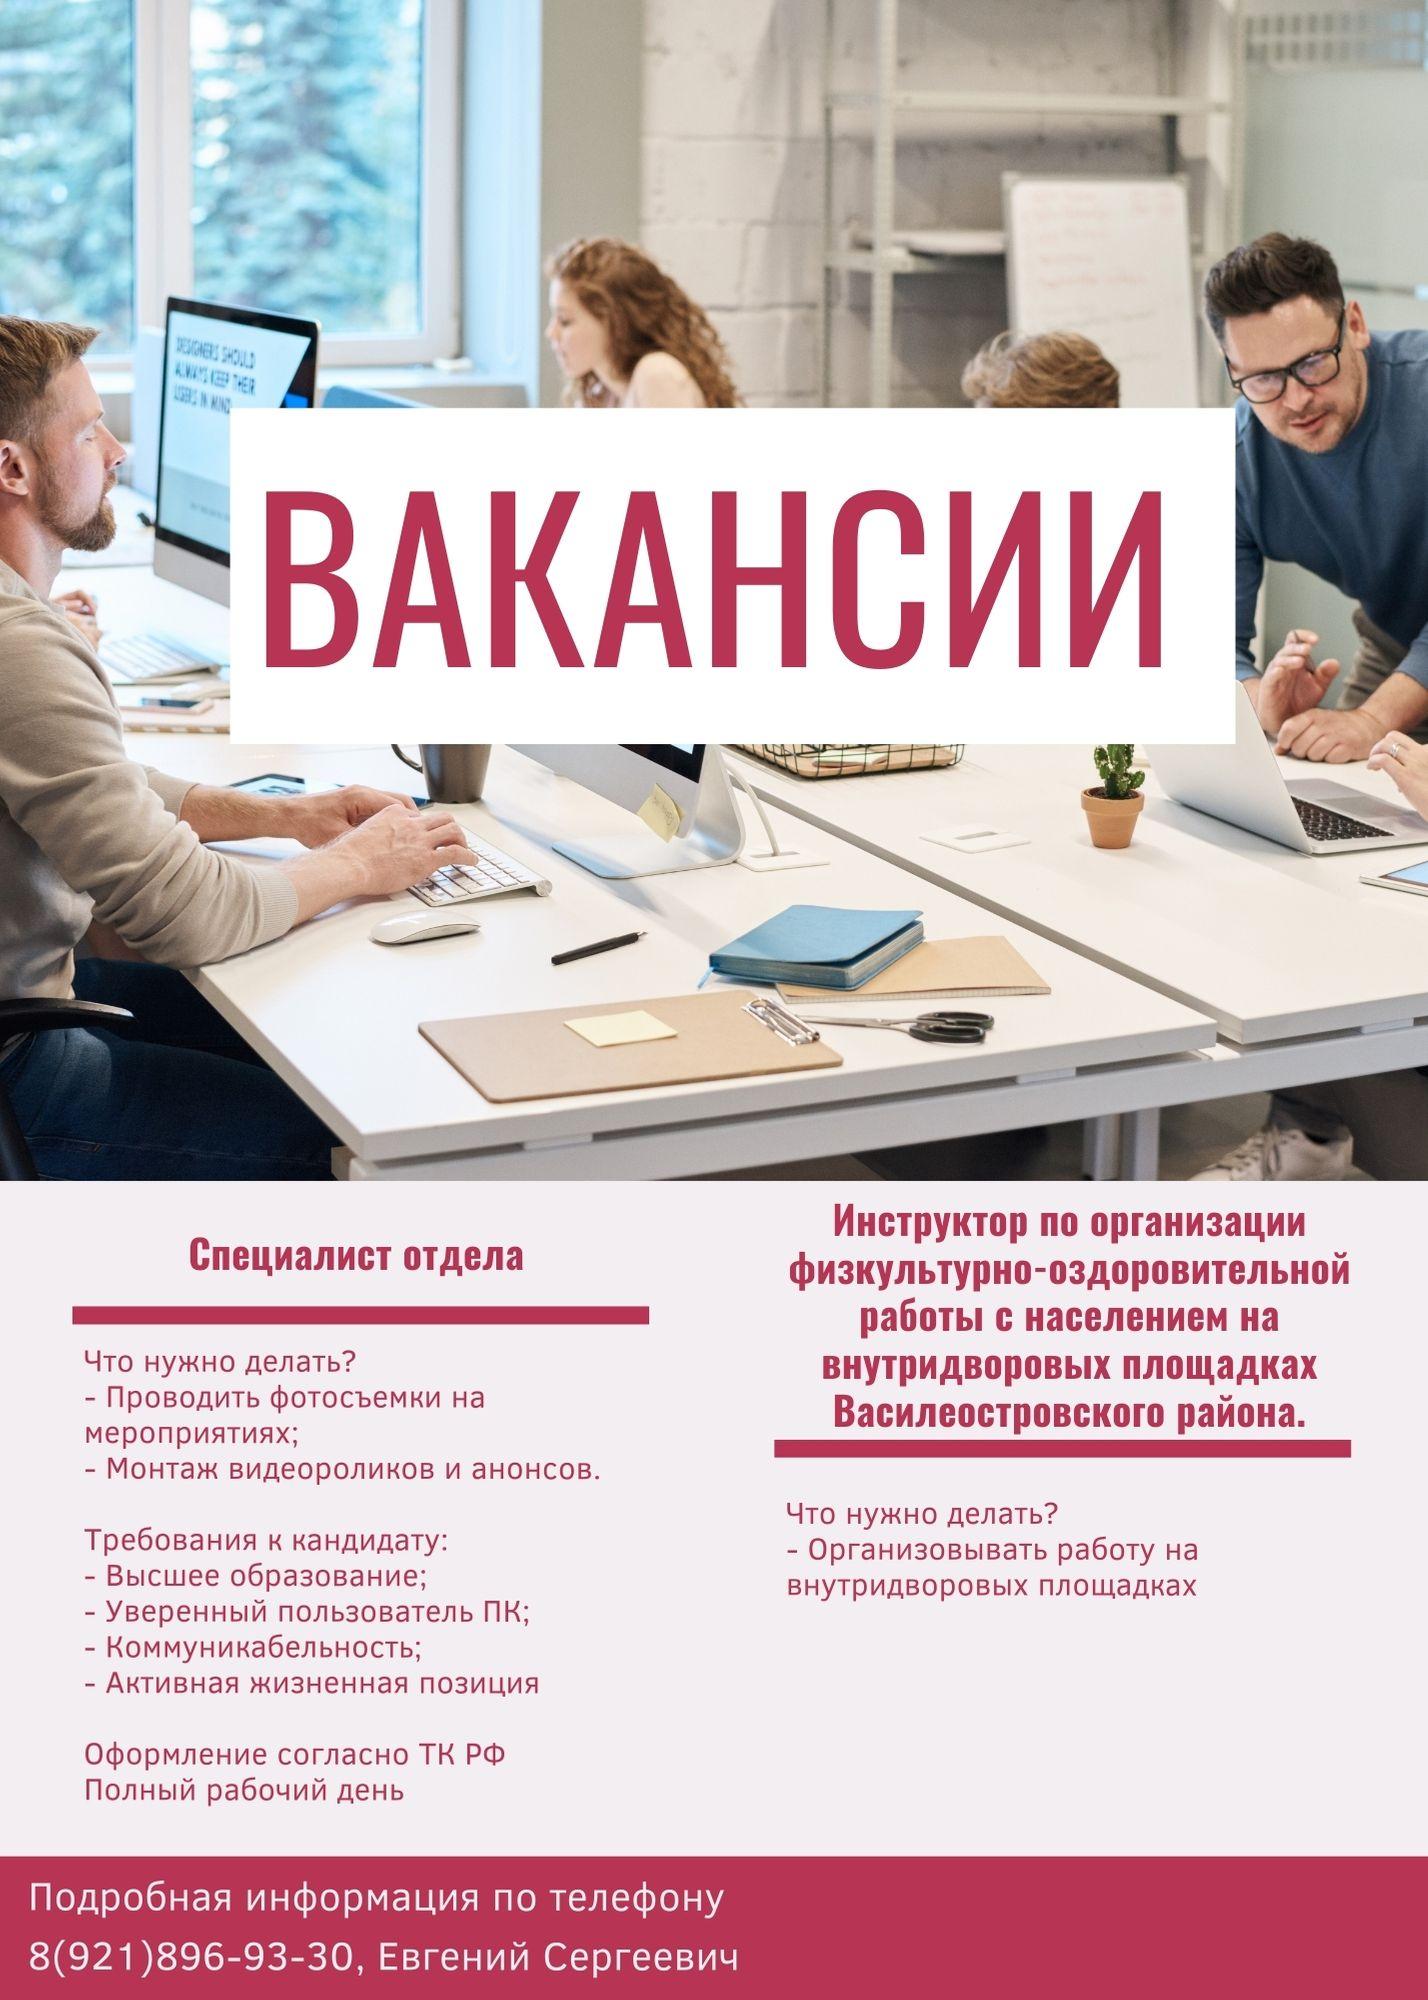 Бордовое Наем в Офис Рабочая Вакансия Объявление